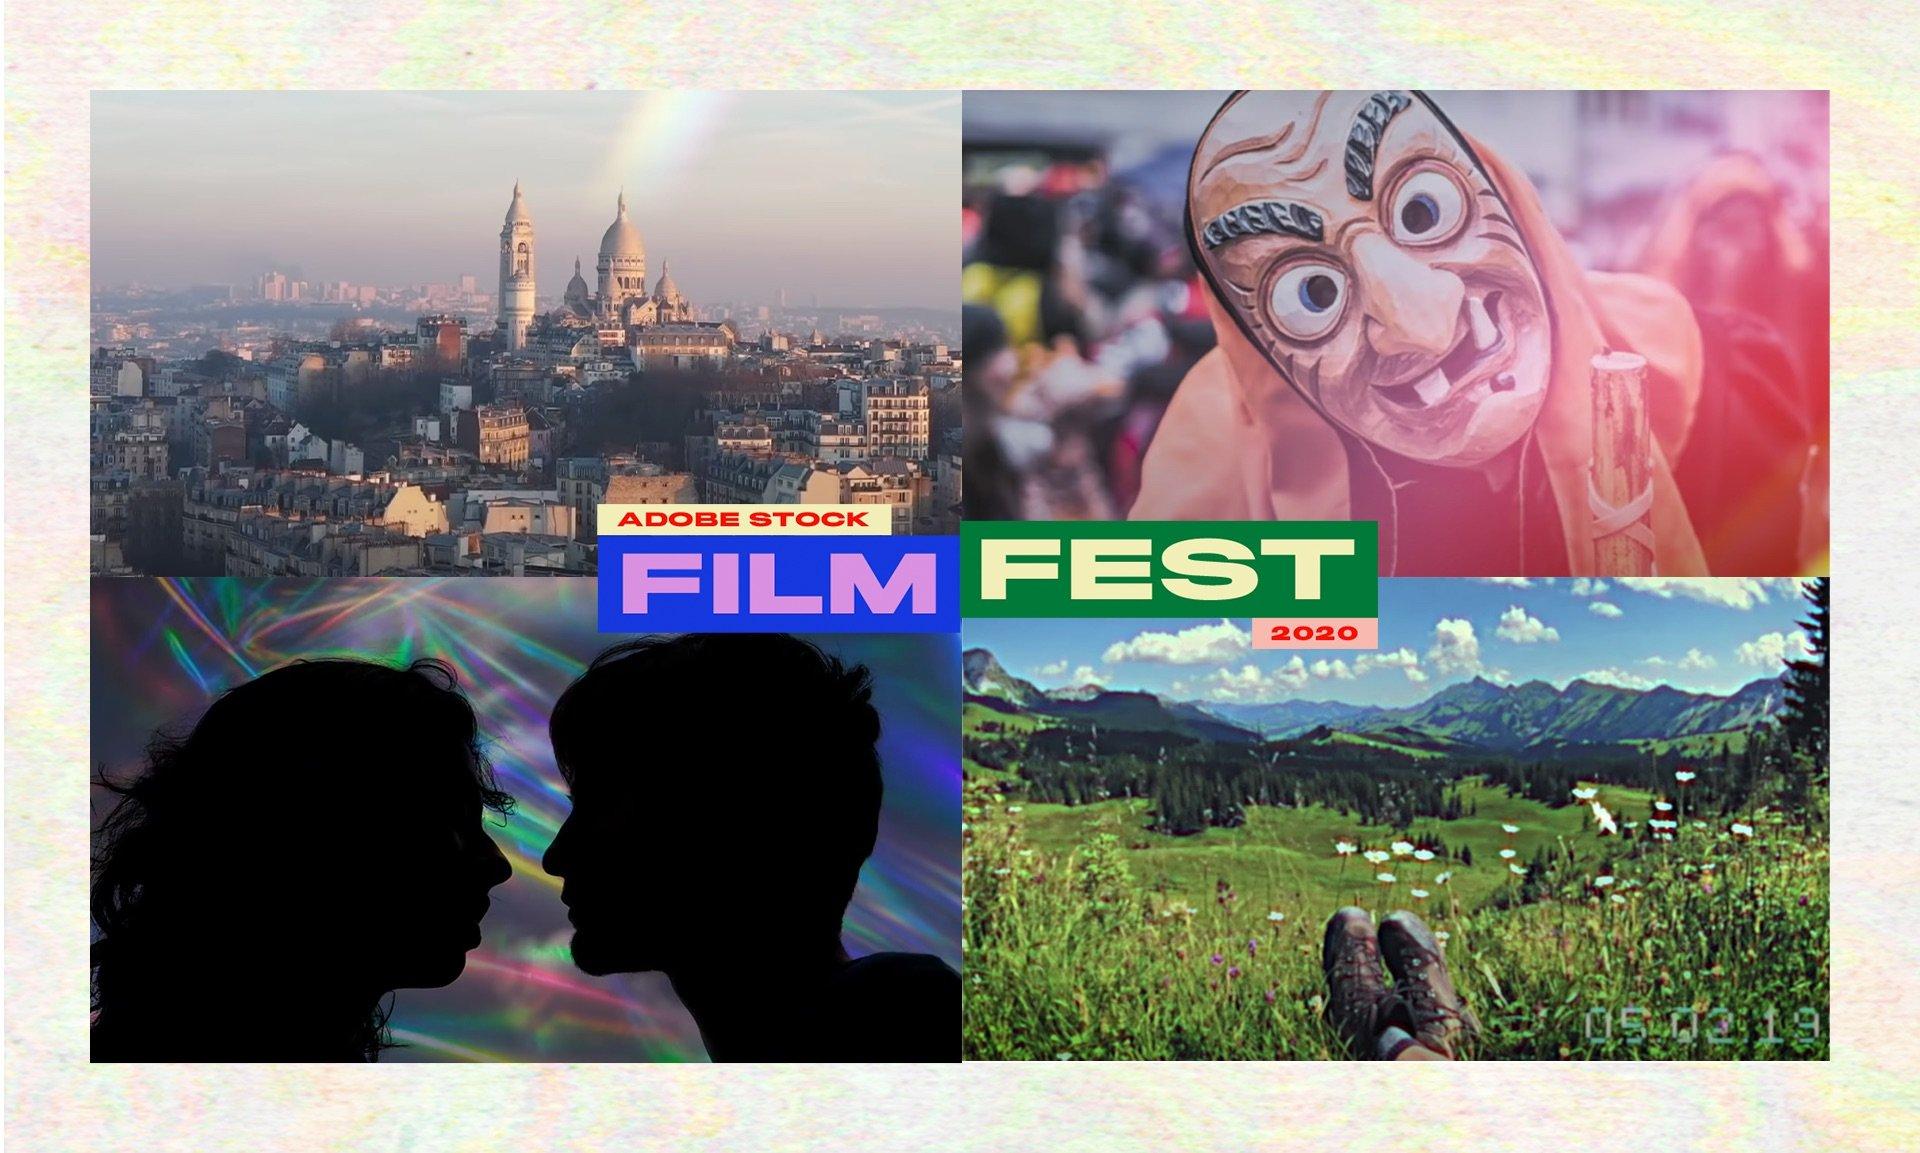 Thumbnail for Adobe Stock Film Festival